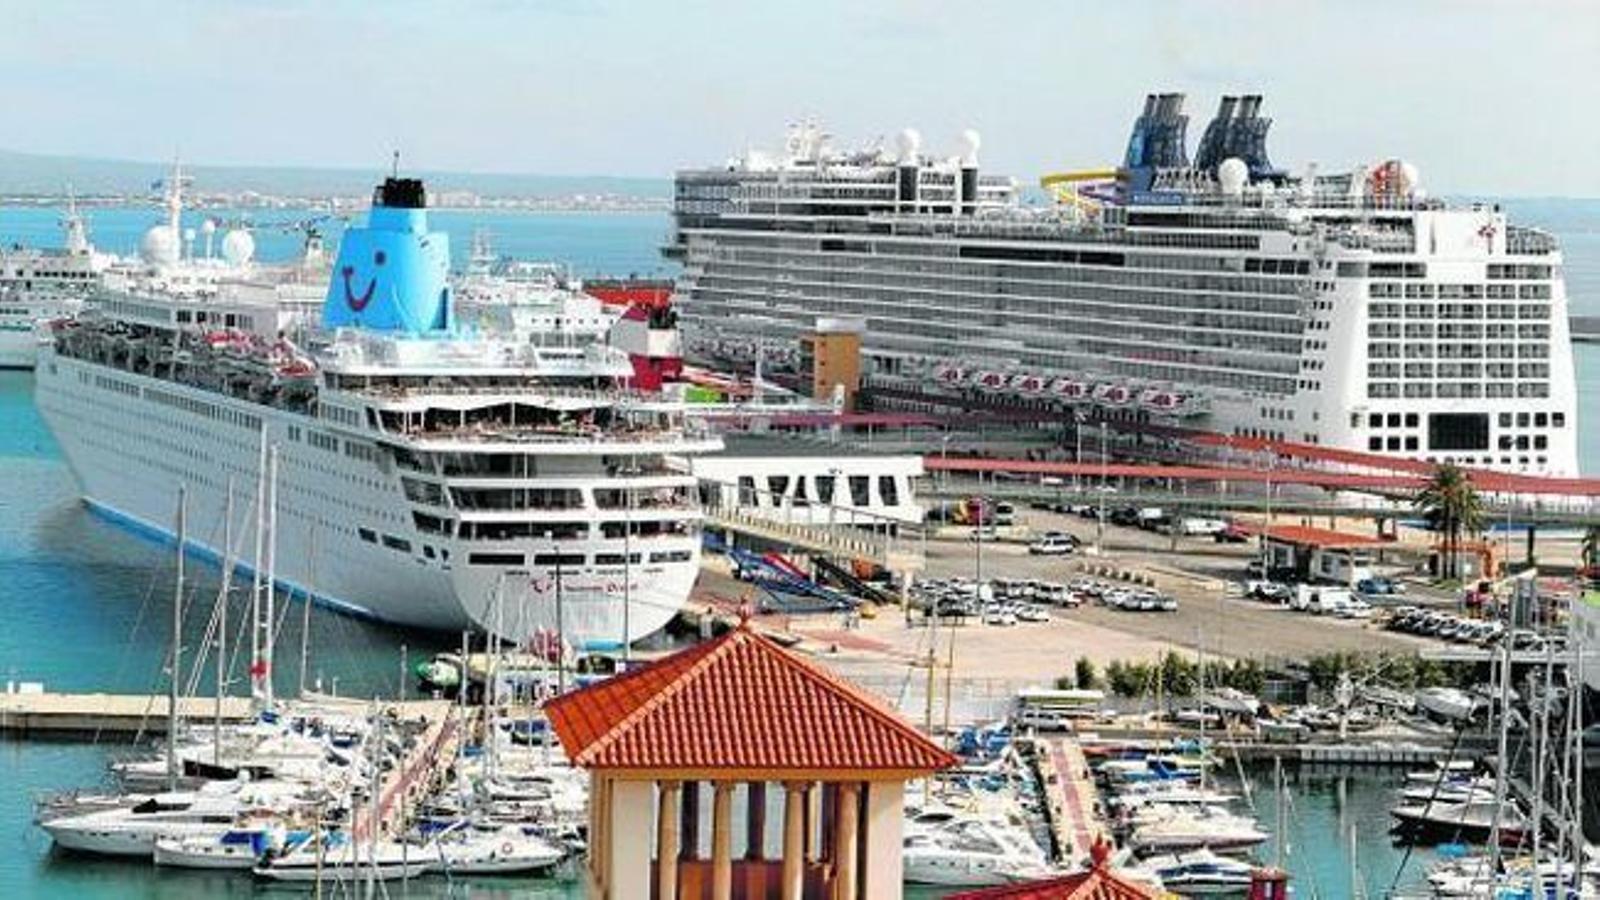 Pels ports de Balears han passat 1,3 milions de creuristes entre gener i juliol.